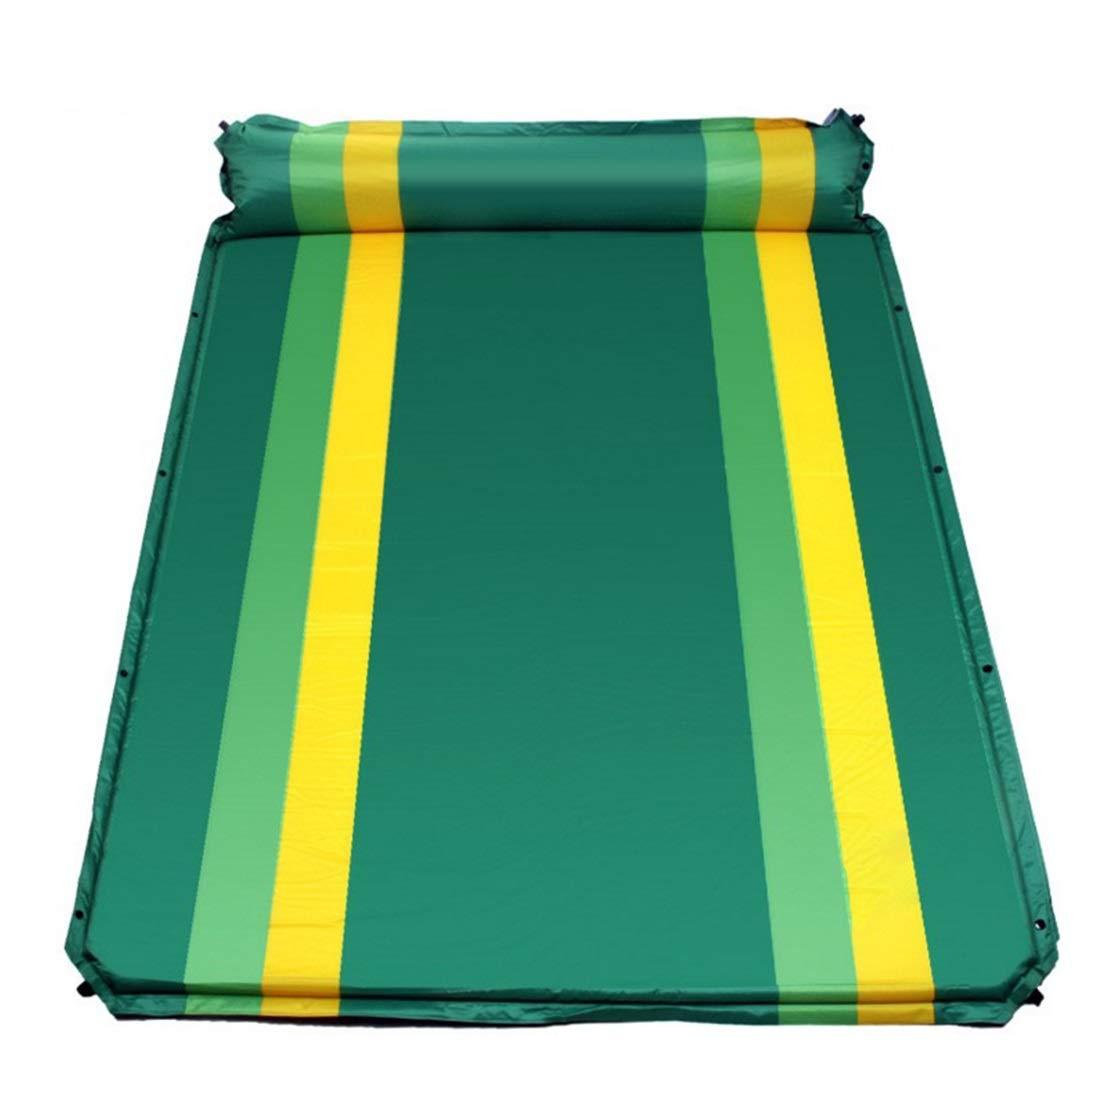 Jakiload Aufblasbares automatisches Kissen aufgeweitetes Starkes Zelt im Freien feuchtigkeitsfeste Schlafmatte (Farbe : Grün)